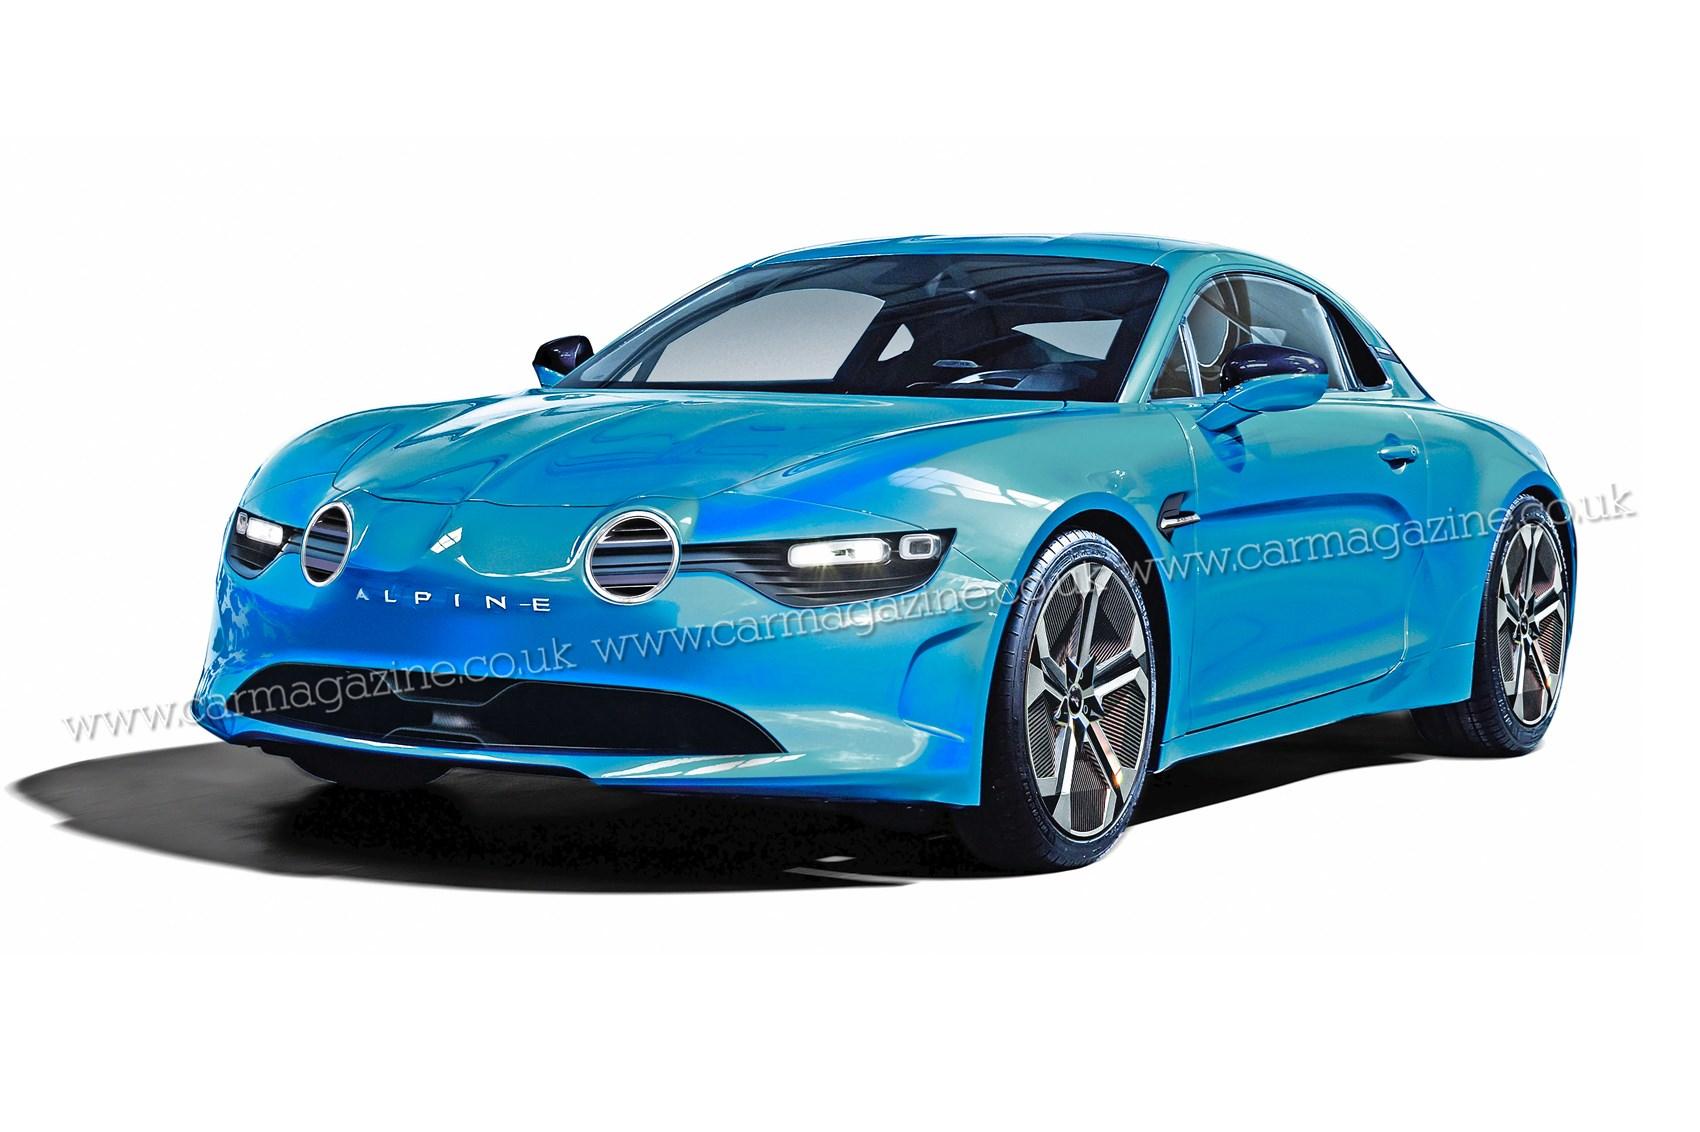 Alpine to go electric with new EV sports car